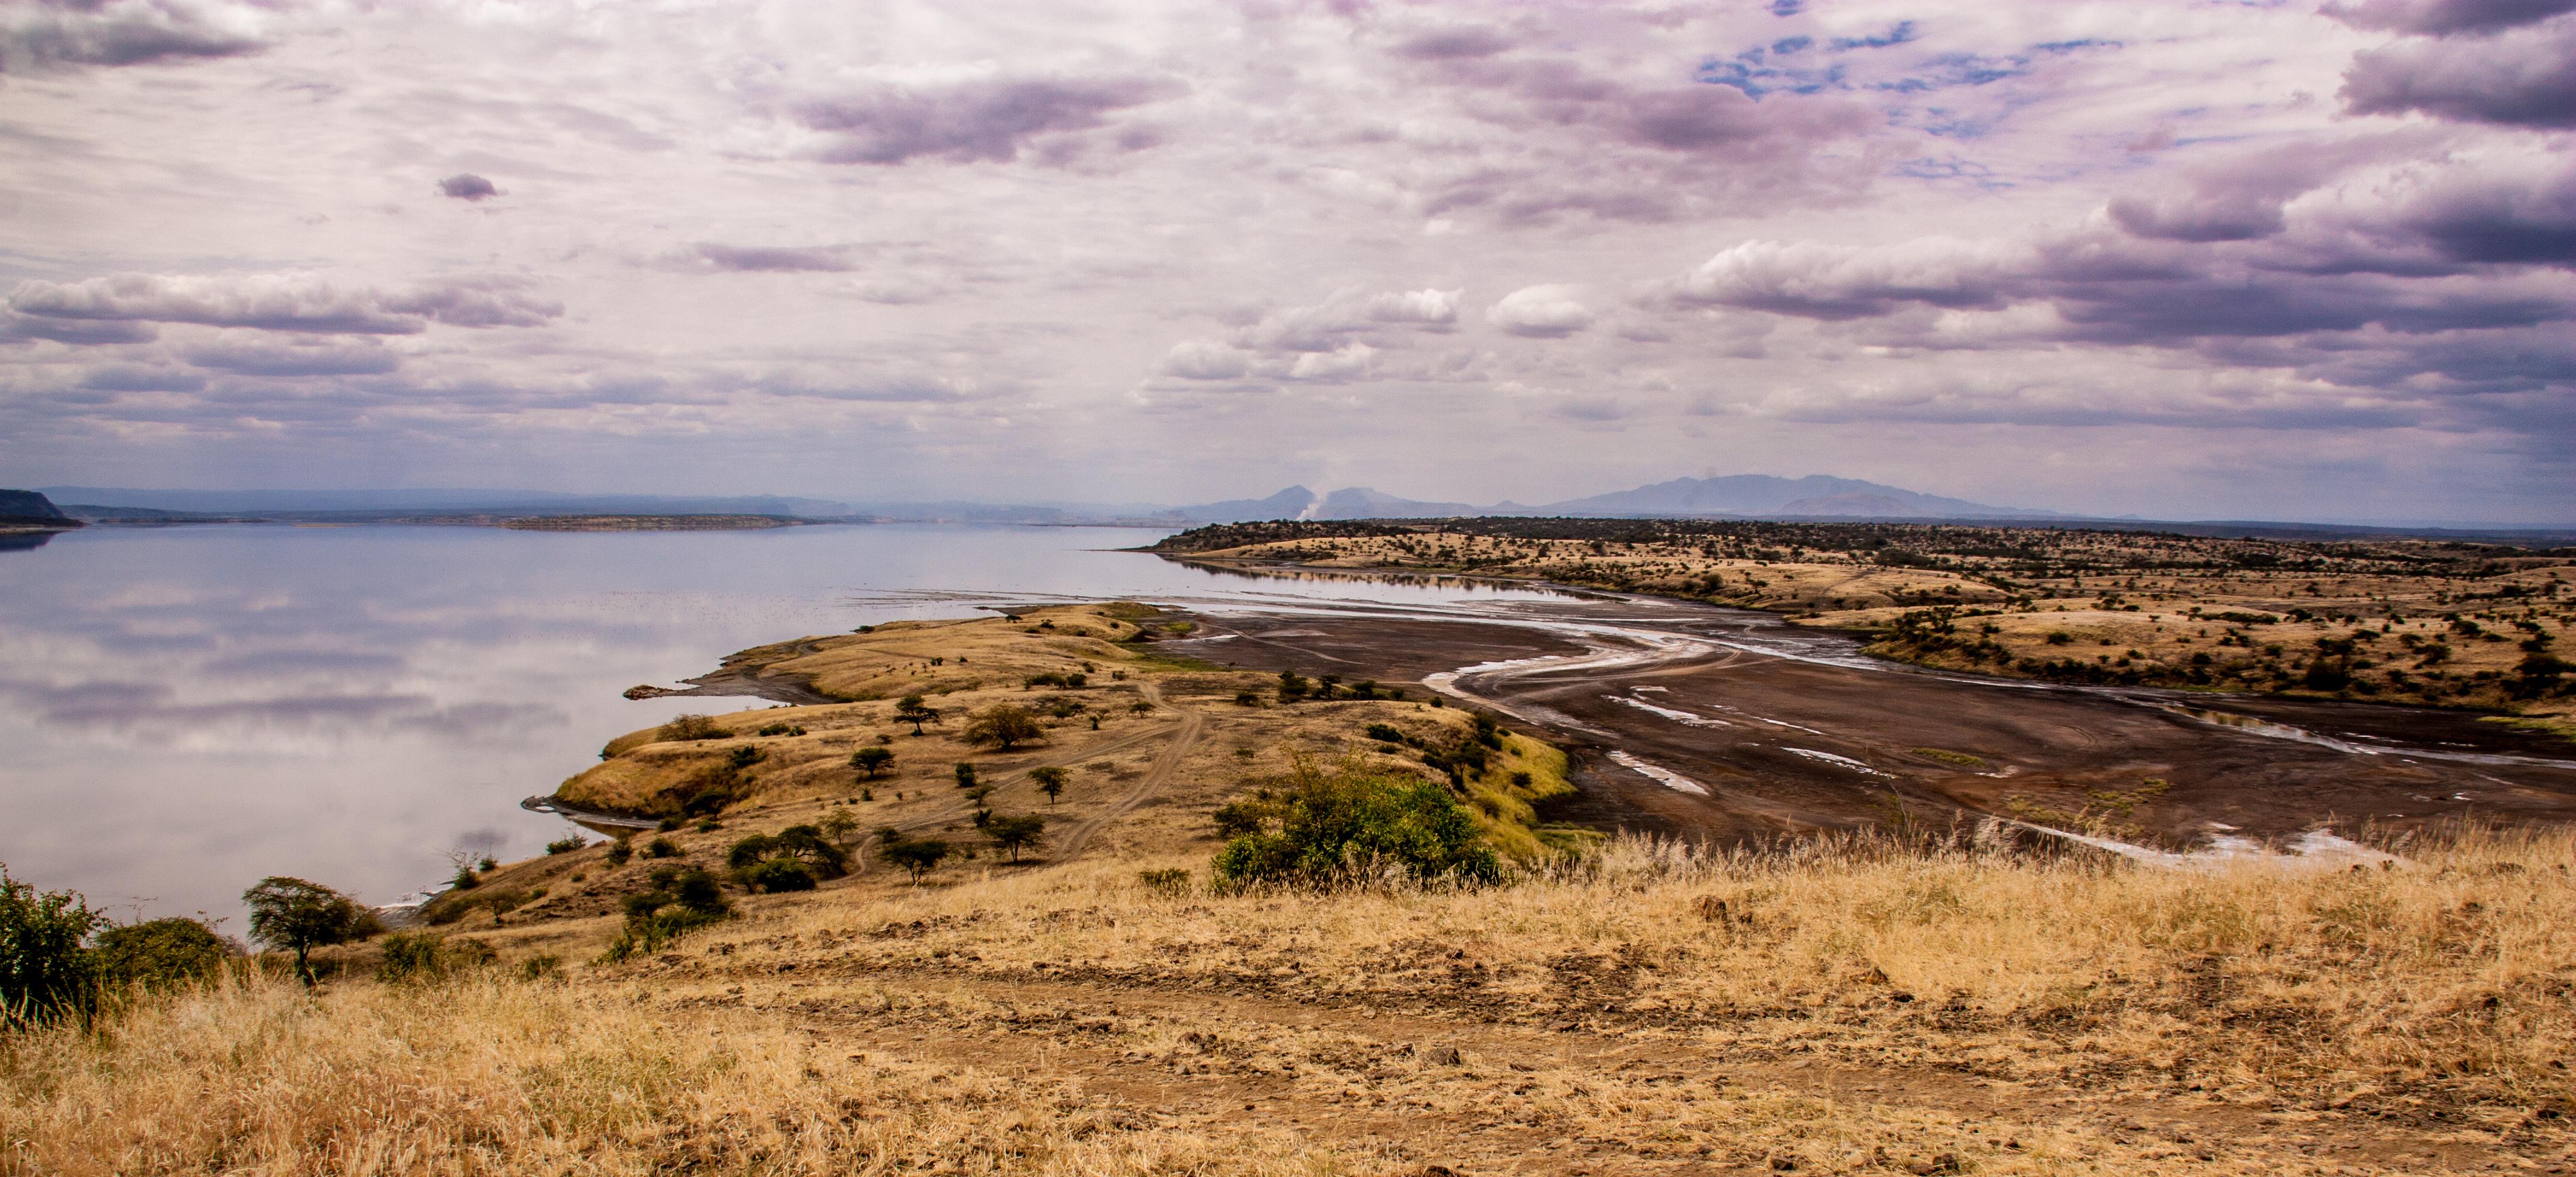 Езерото Магади, от чийто води правят стъкло и хартия